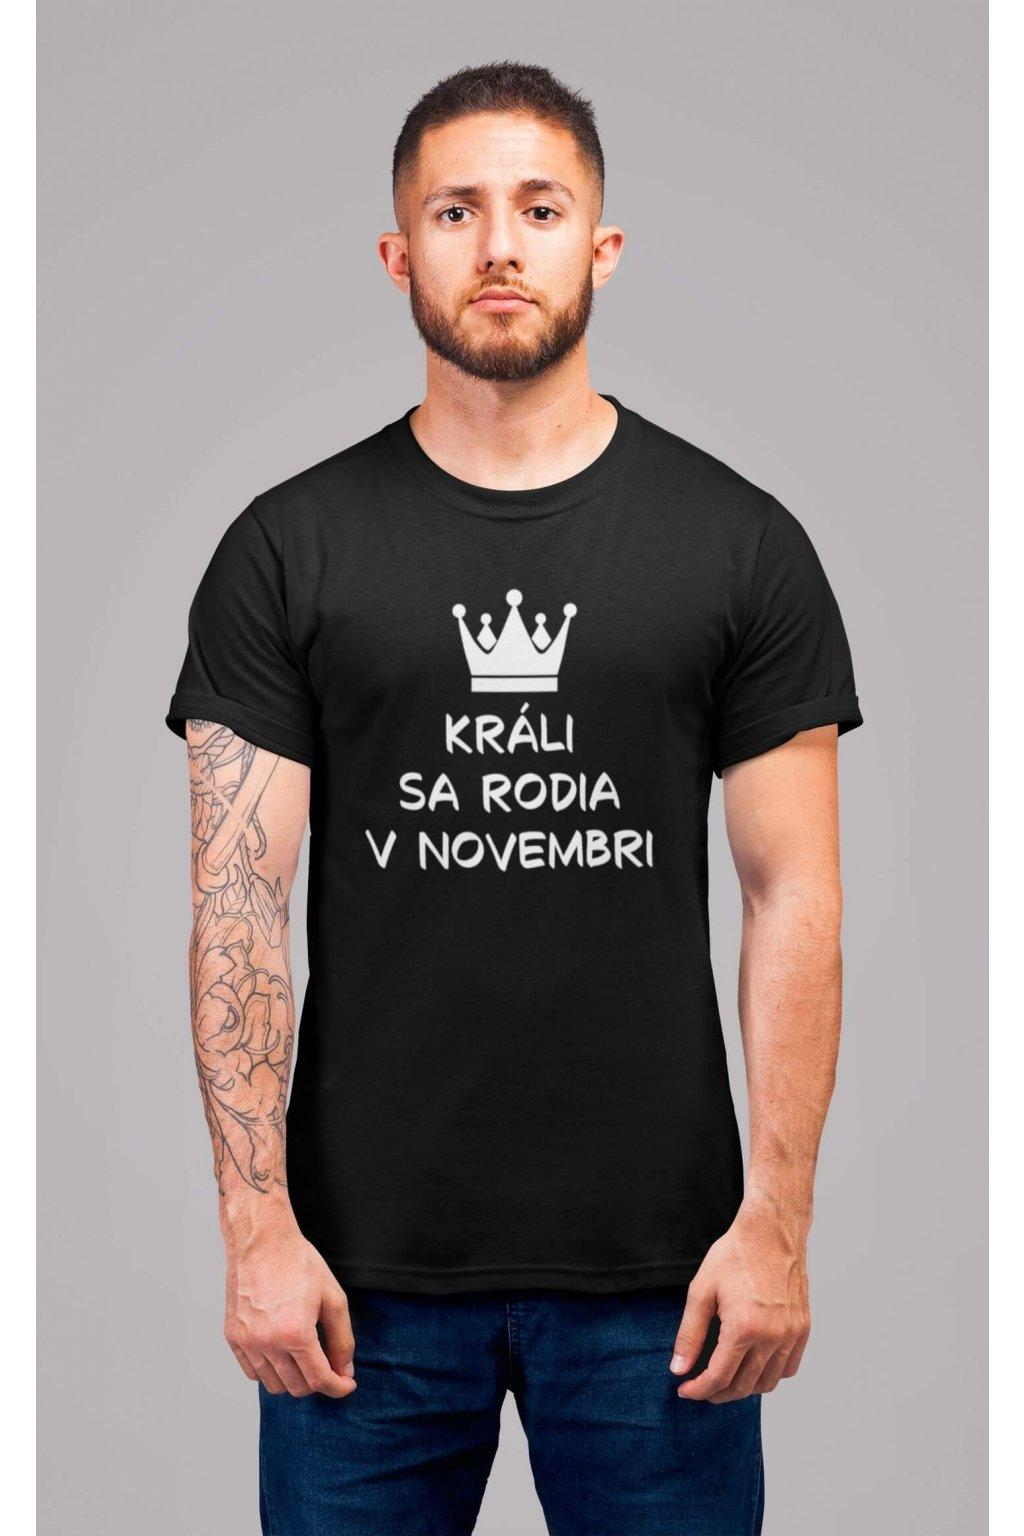 Pánske tričko Králi sa rodia v novembri